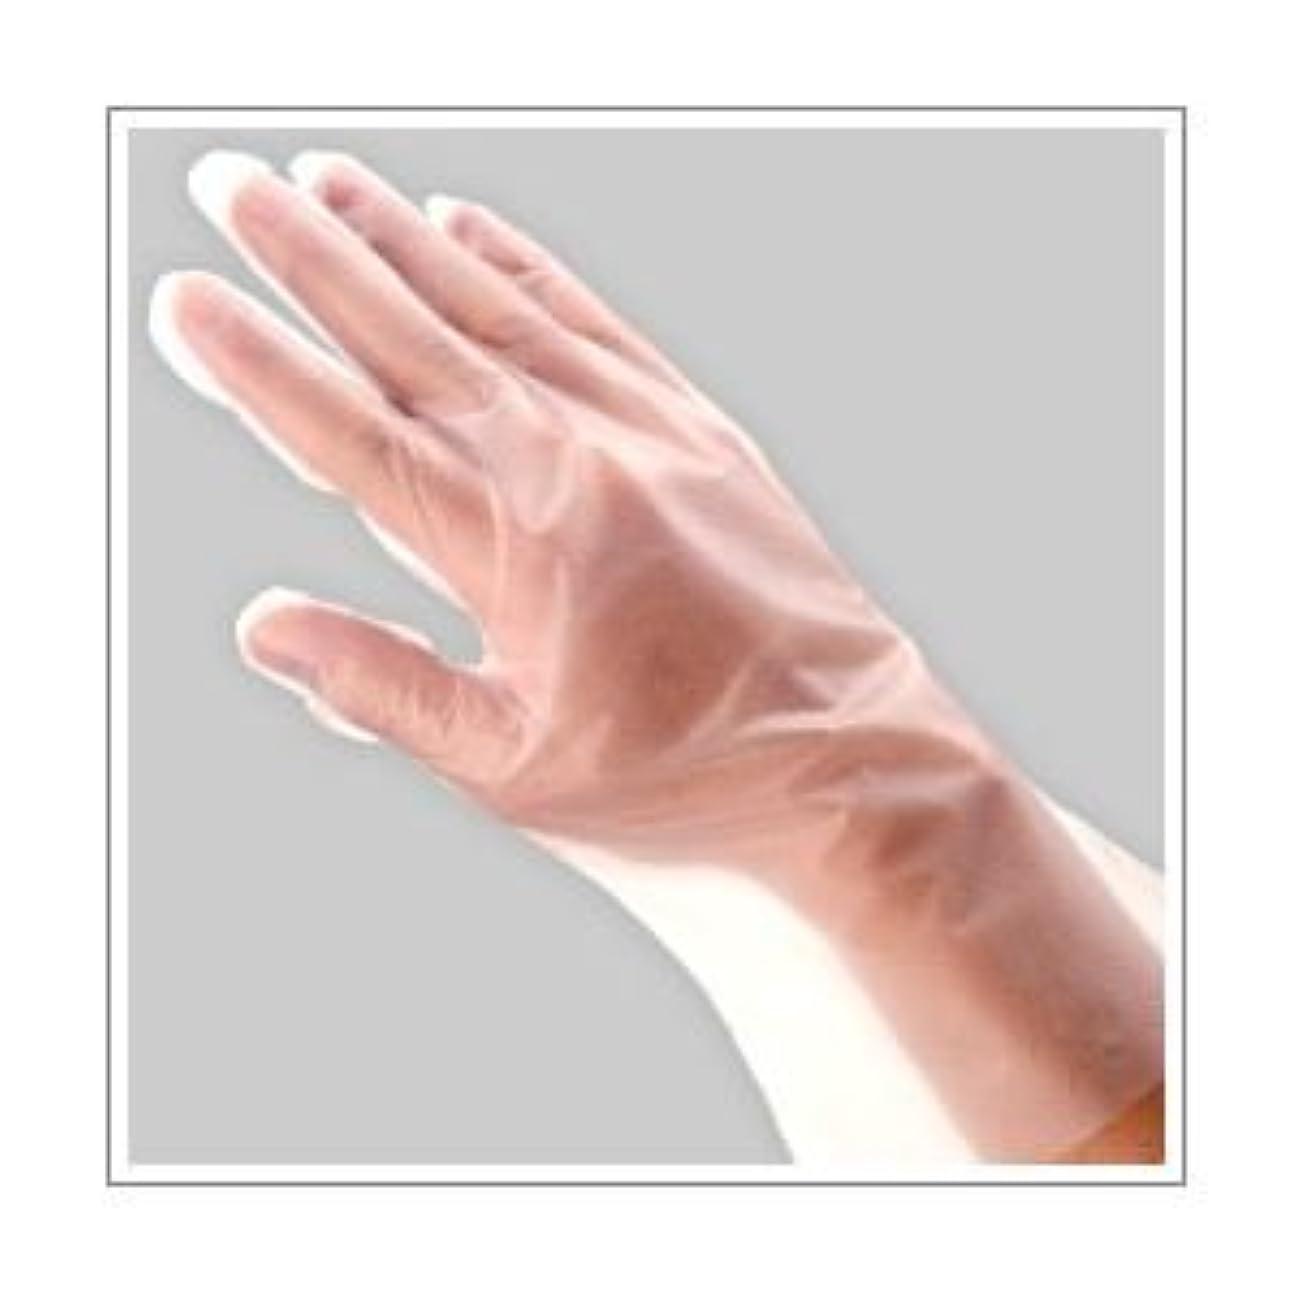 吸い込むキャンパススペイン福助工業 ポリ手袋 指フィット 100枚パック L ×10セット